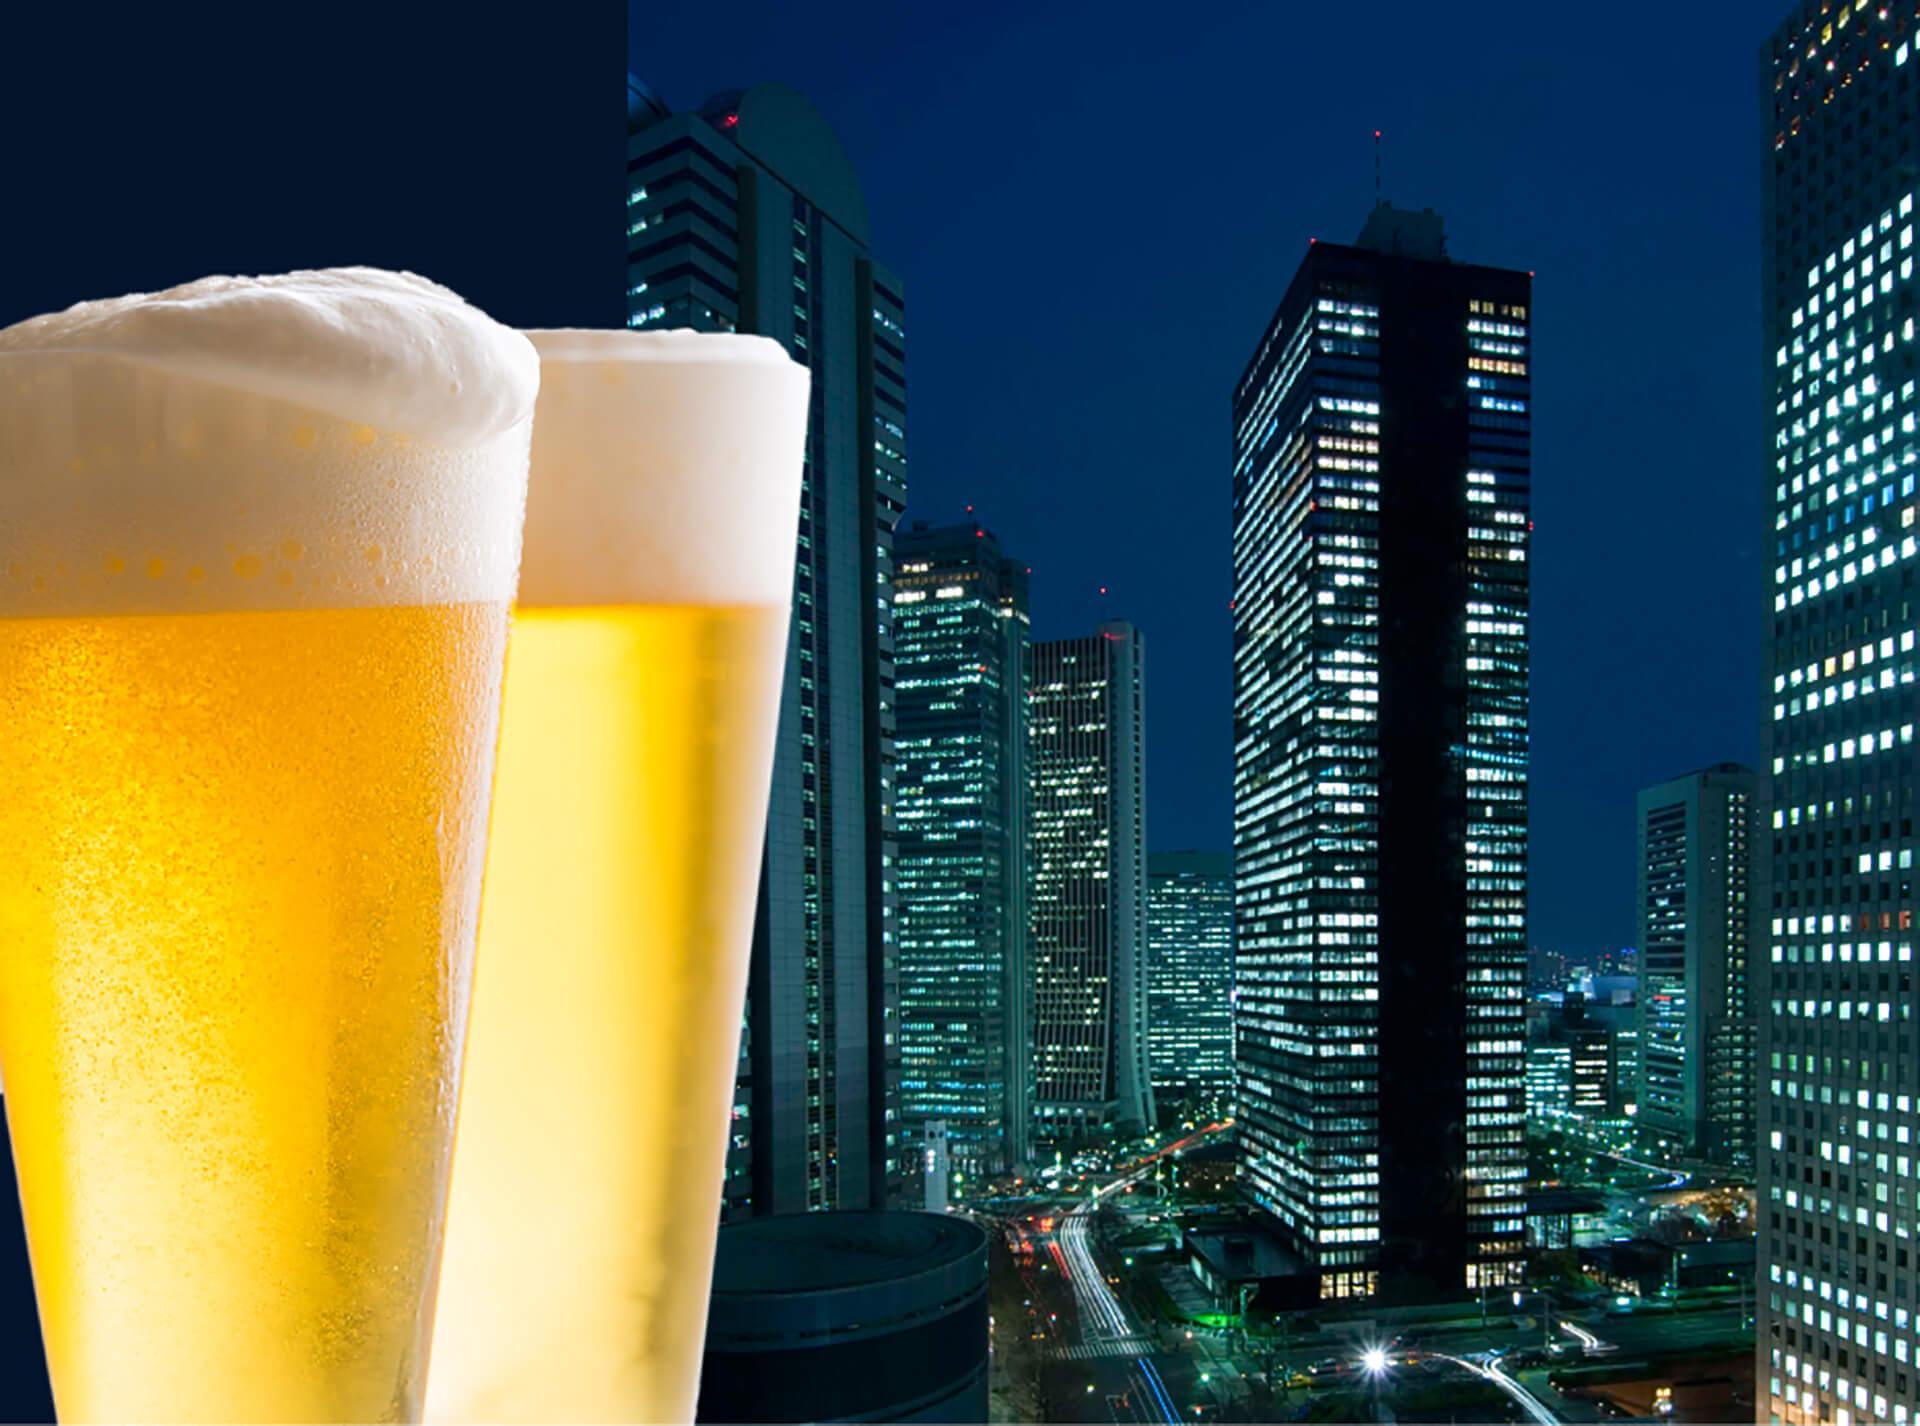 ヒルトン東京 2020年天空のビアガーデン